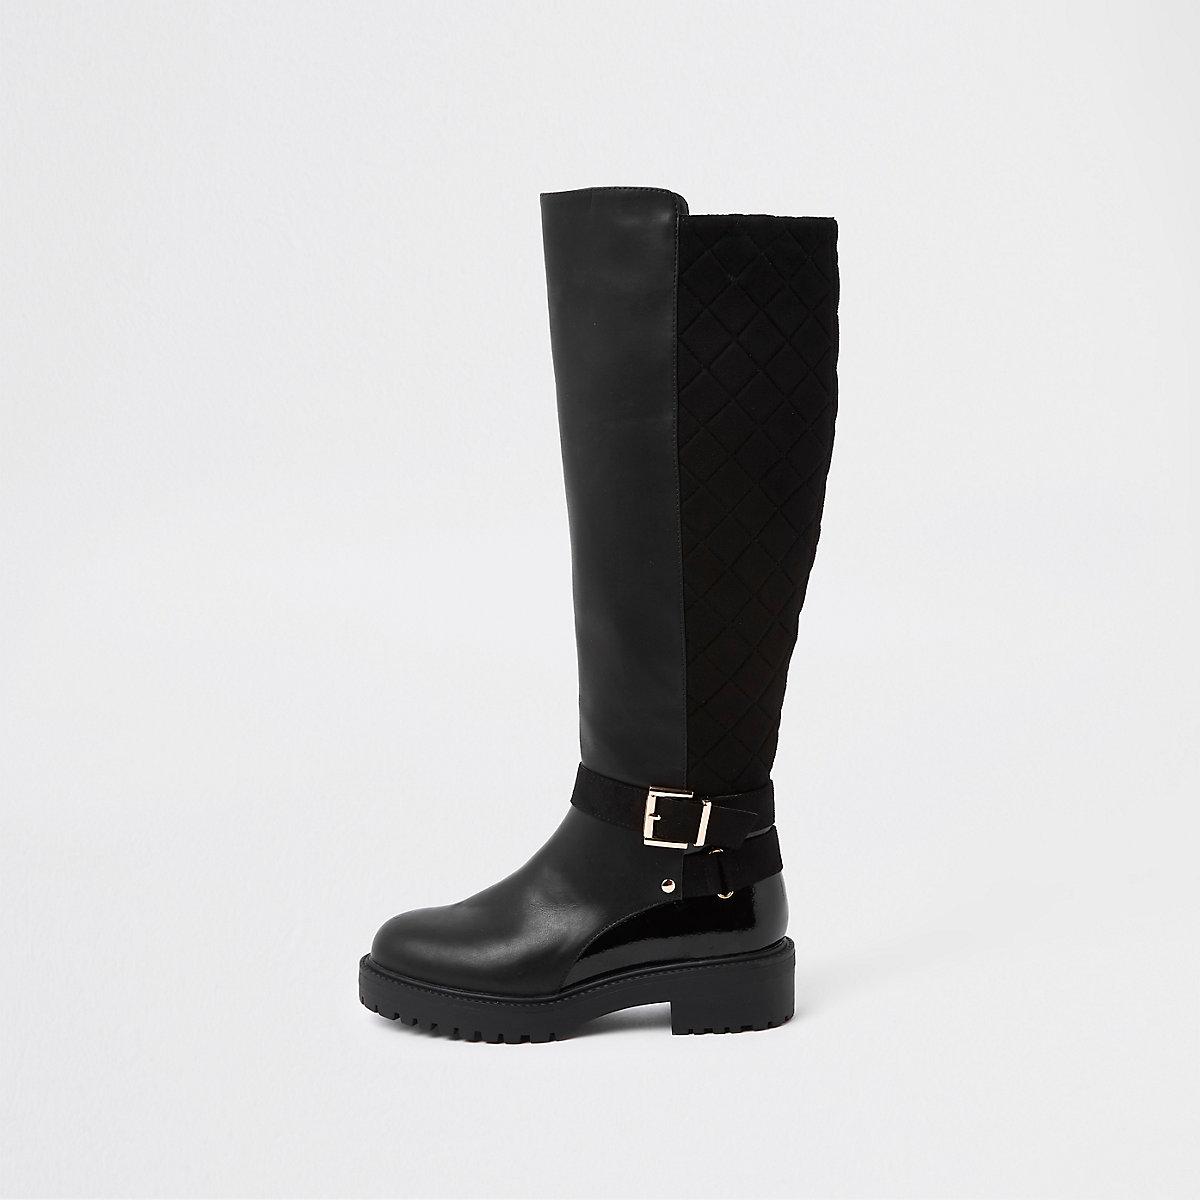 Zwarte gewatteerde kniehoge laarzen